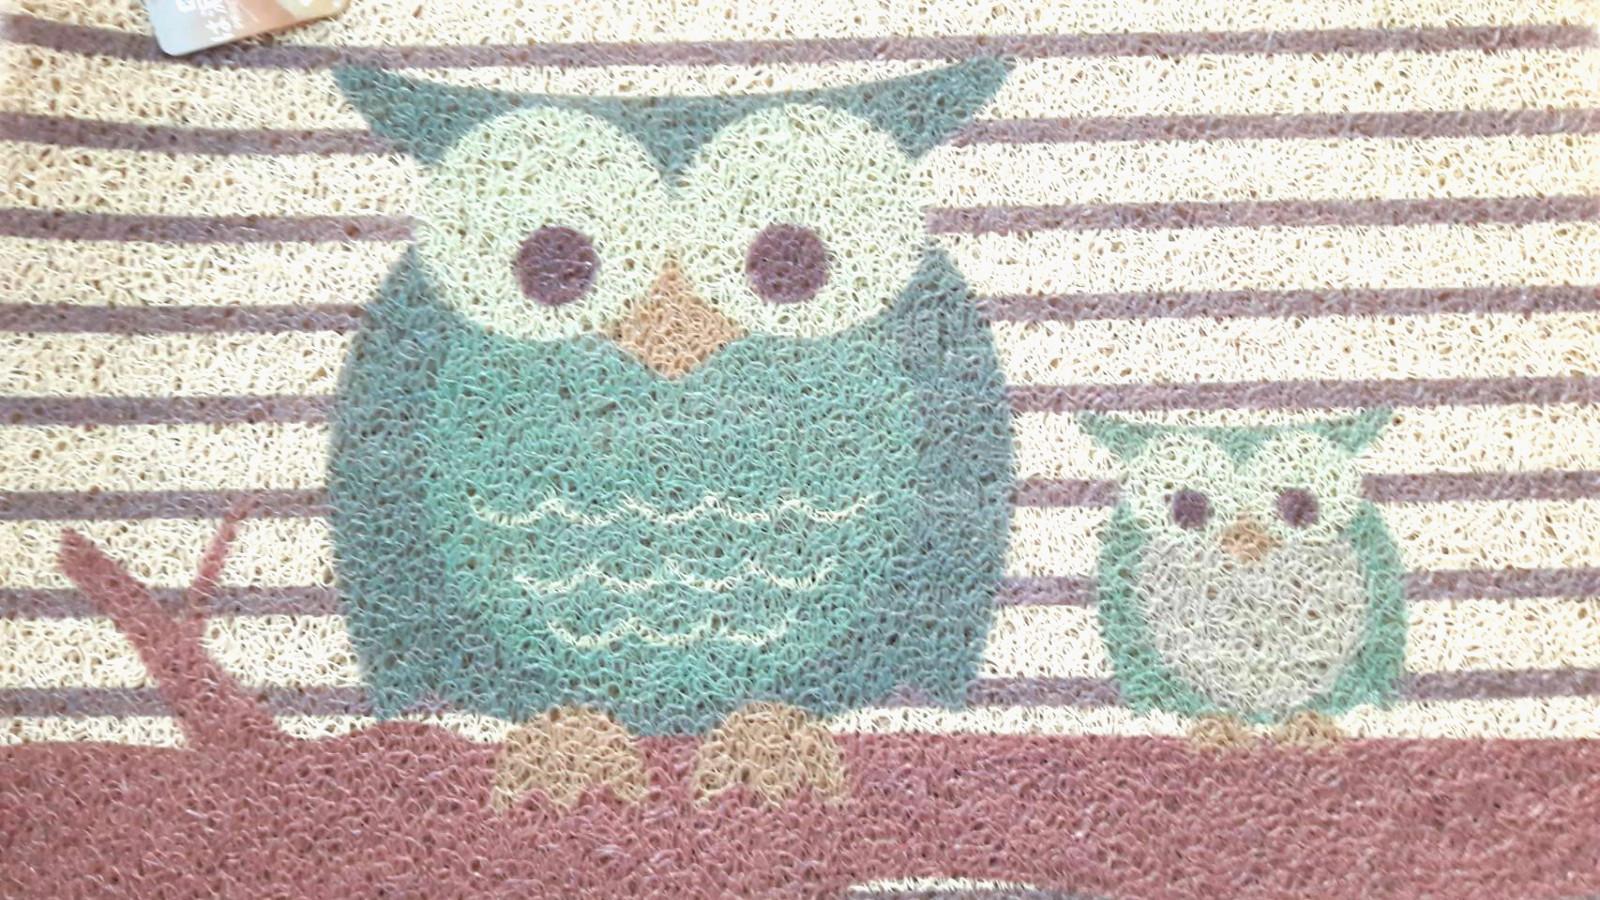 La maison生活小舖《印花刮泥繪圖地墊腳踏墊》可愛親子貓頭鷹圖案 耐用防滑 玄關、客廳、車裡皆適用 不同於一般刮泥圖案 放在美觀大方 地墊/軟墊/腳踏墊/止滑墊/刮墊/車用墊 40X60CM不佔..